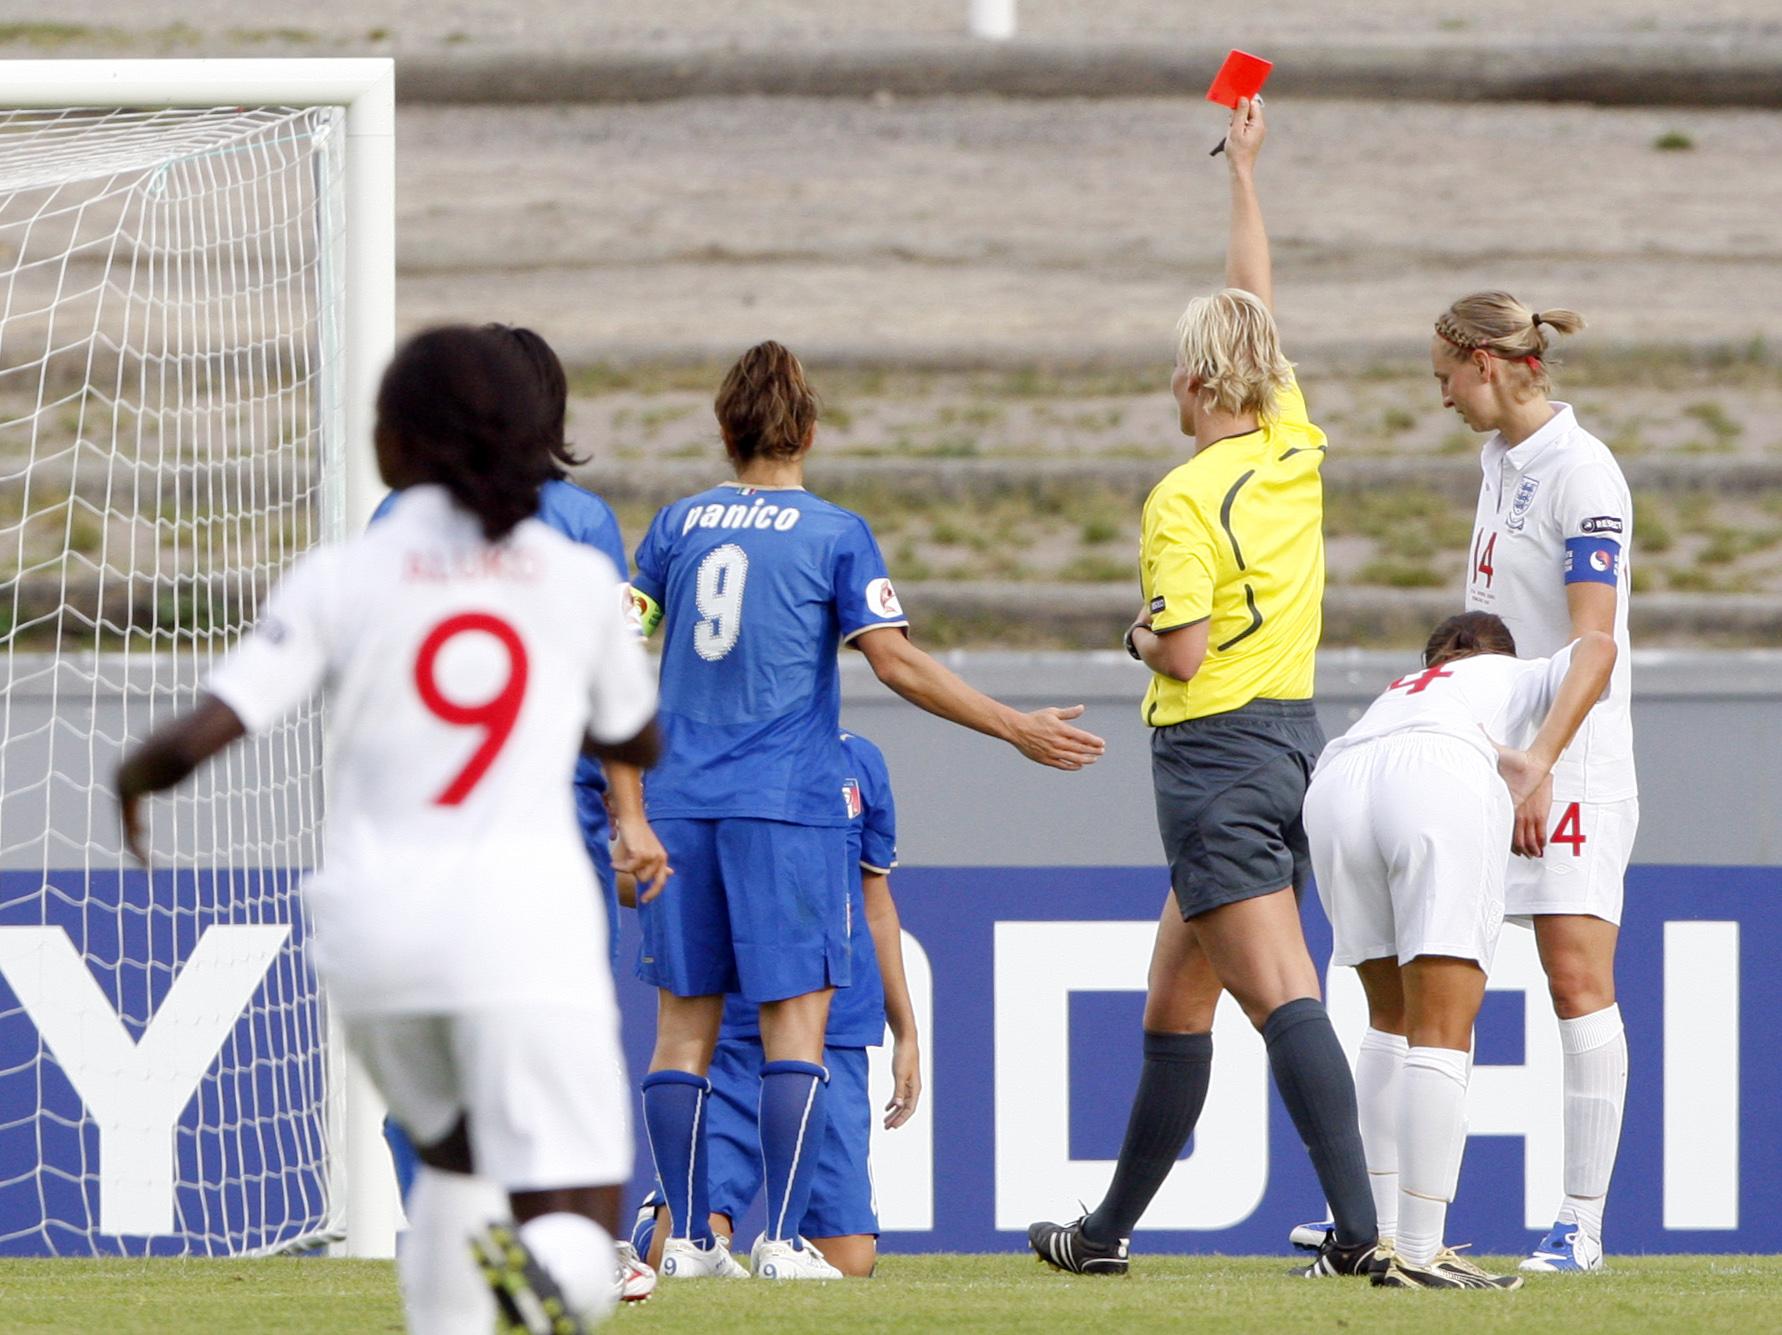 داور در یک مسابقه فوتبال زنان یک کارت قرمز را بالا گرفته است (عکس از آسوشیتدپرس)